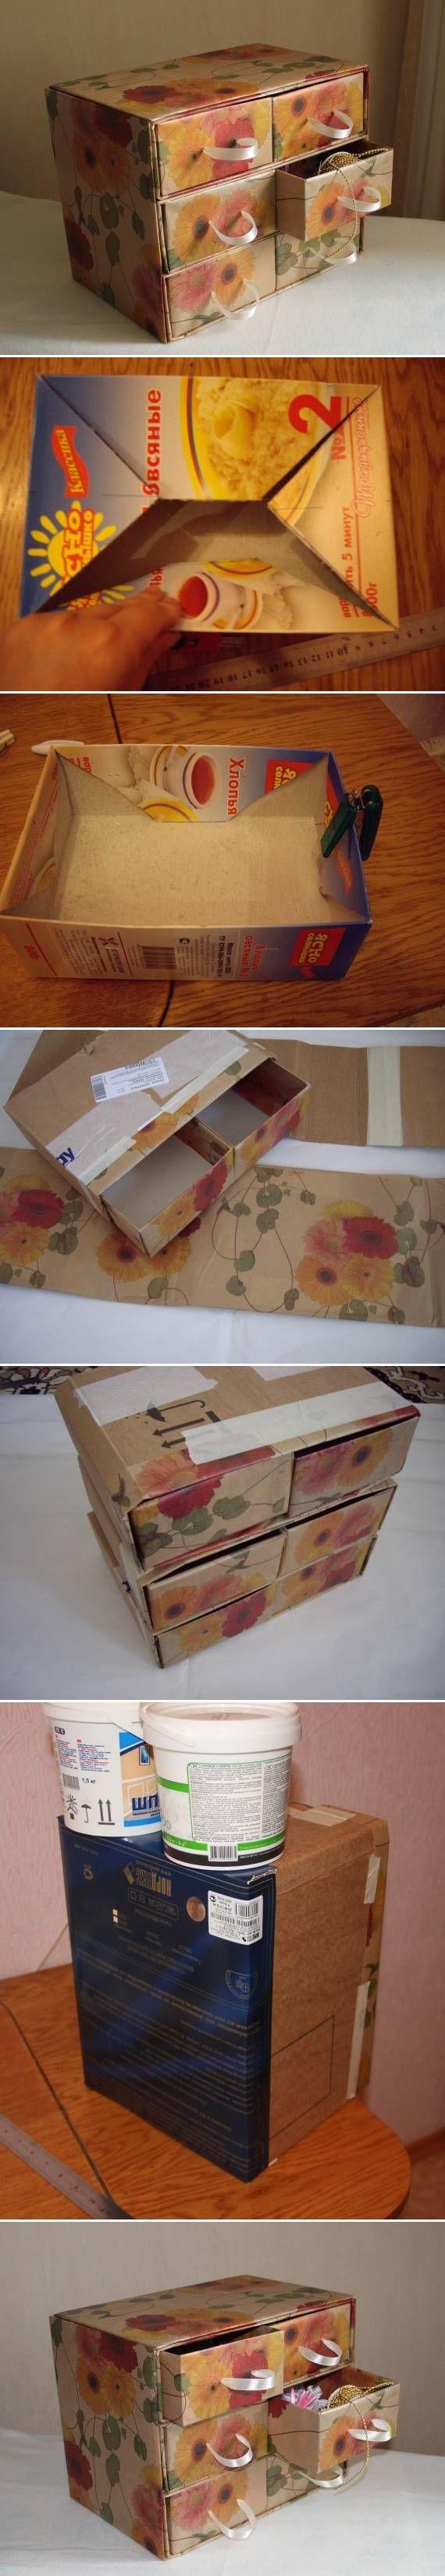 #DIY Chest of Cardboard